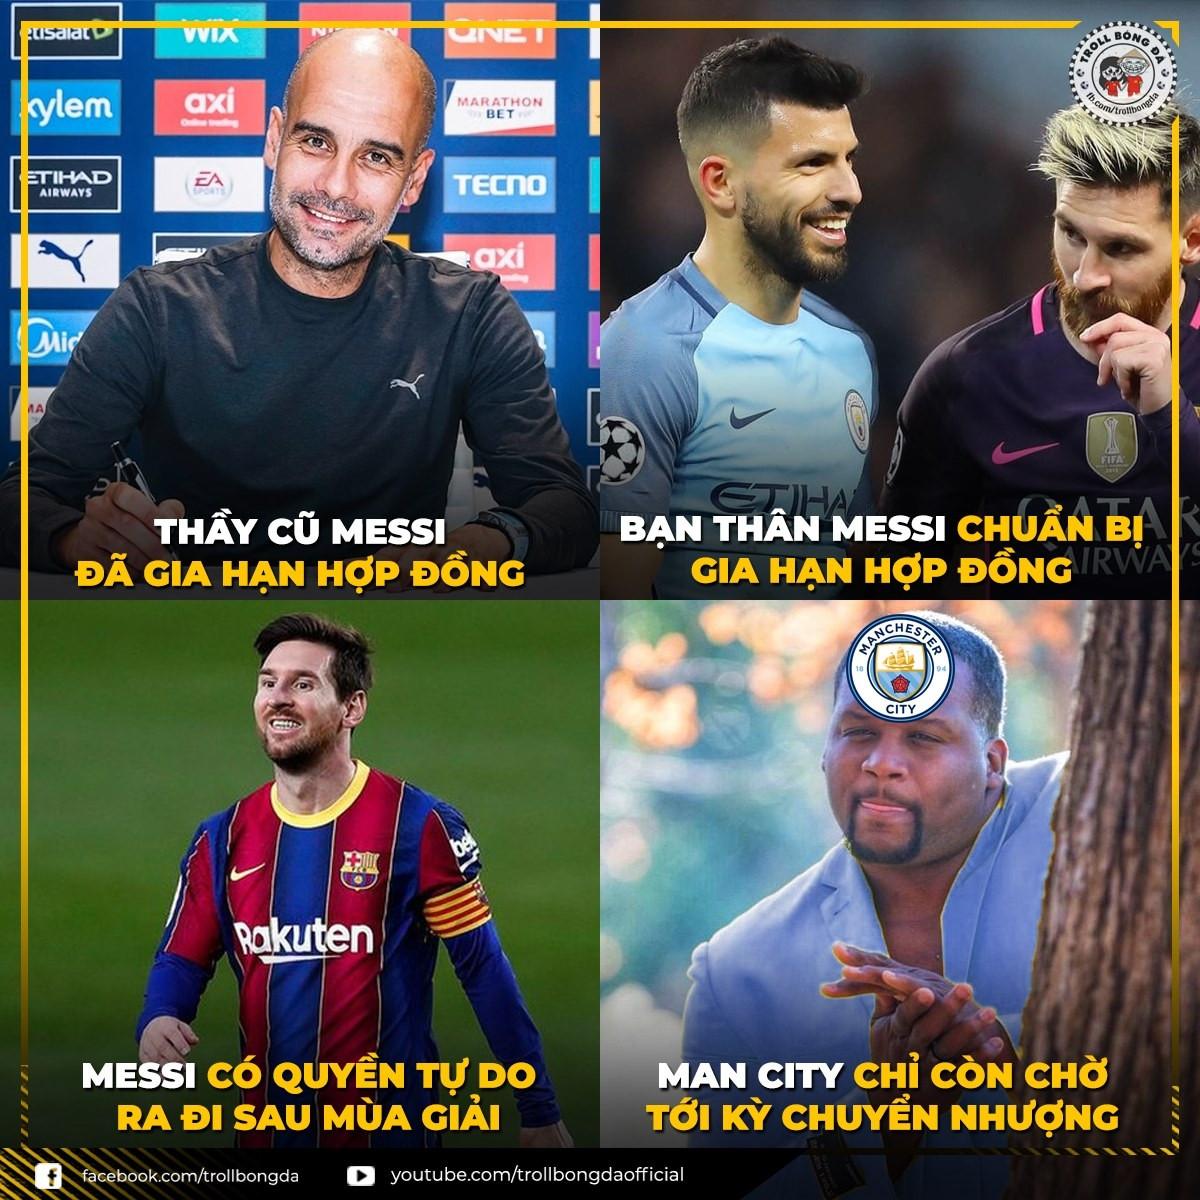 HLV Guardiola gia hạn hợp đồng với Man City, háo hức chờ Messi đến nước Anh. (Ảnh: Troll Bóng đá).